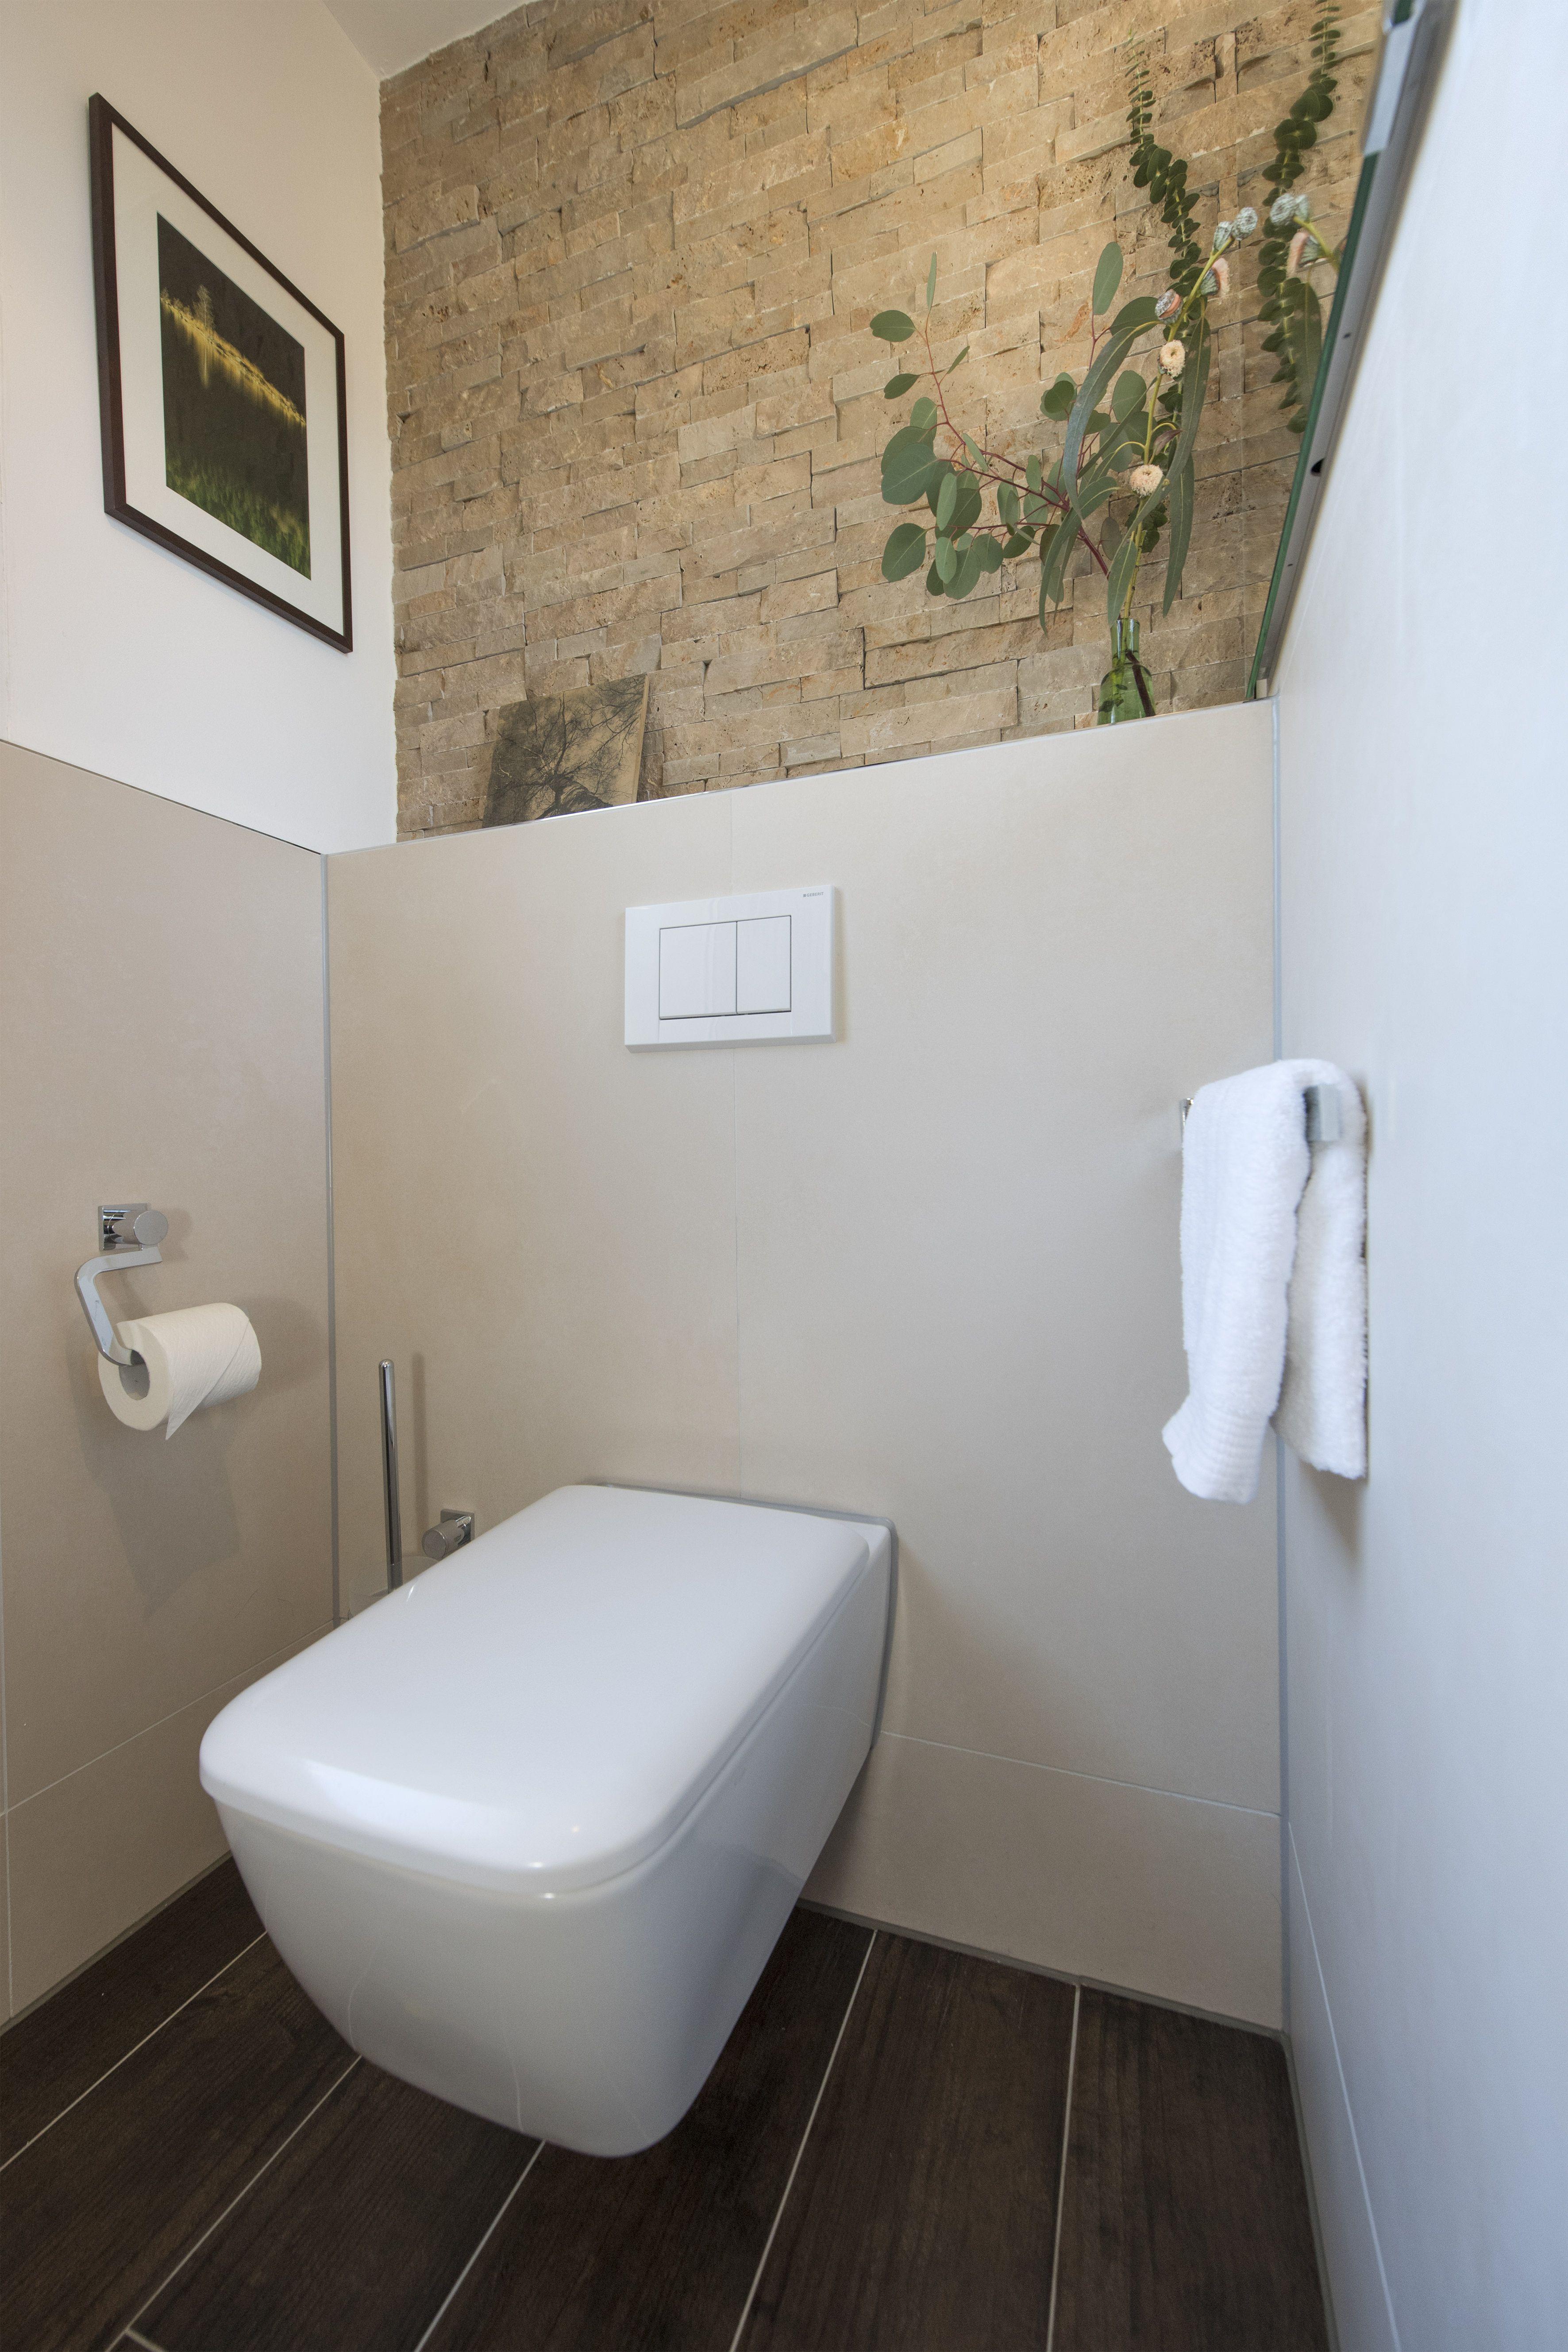 Moderne Toilette Vor Toller Bruchsteinwand Banovo Badsanierung Badrenovierung Bruchsteinwand Stein Sandfa Moderne Toilette Bad Fliesen Ideen Bad Fliesen